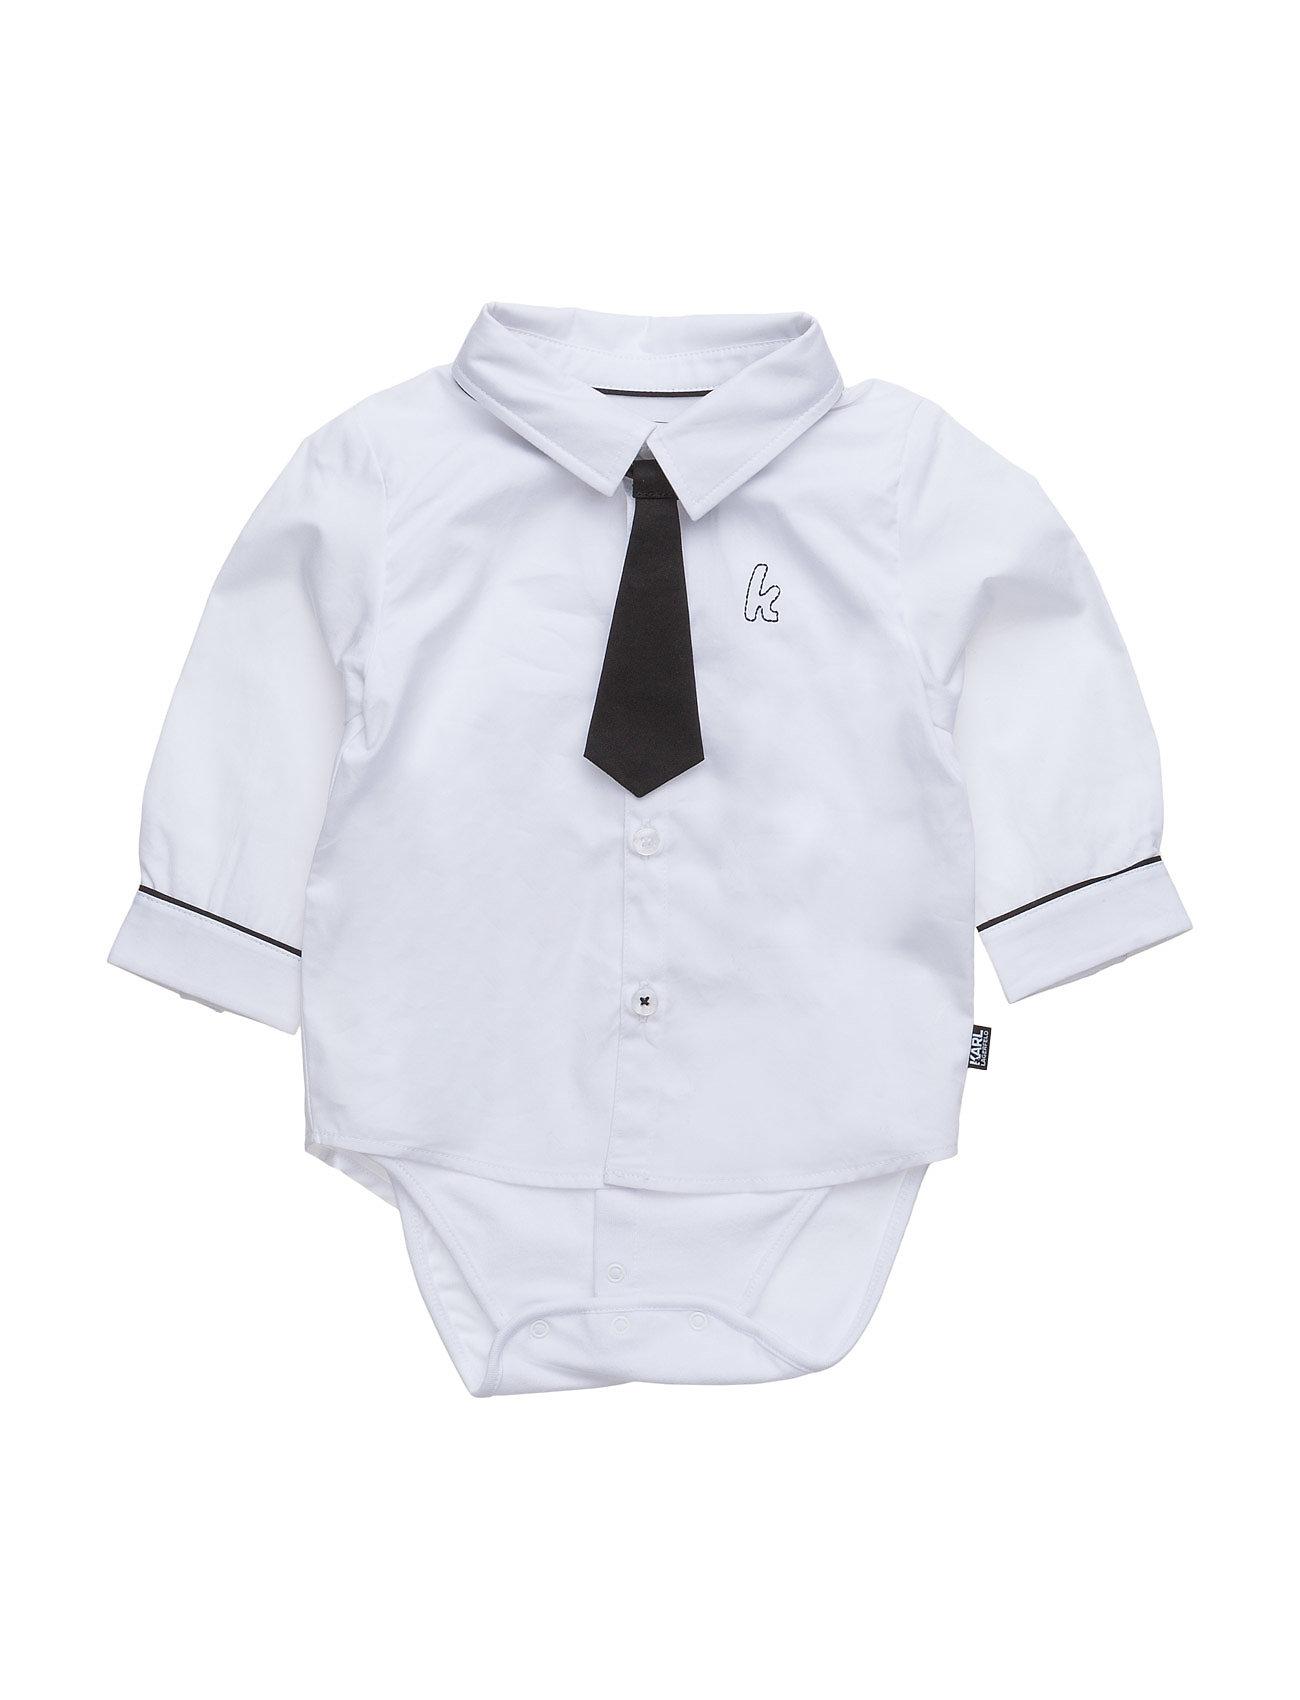 Body-Shirt Karl Lagerfeld Langærmede bodies til Børn i hvid